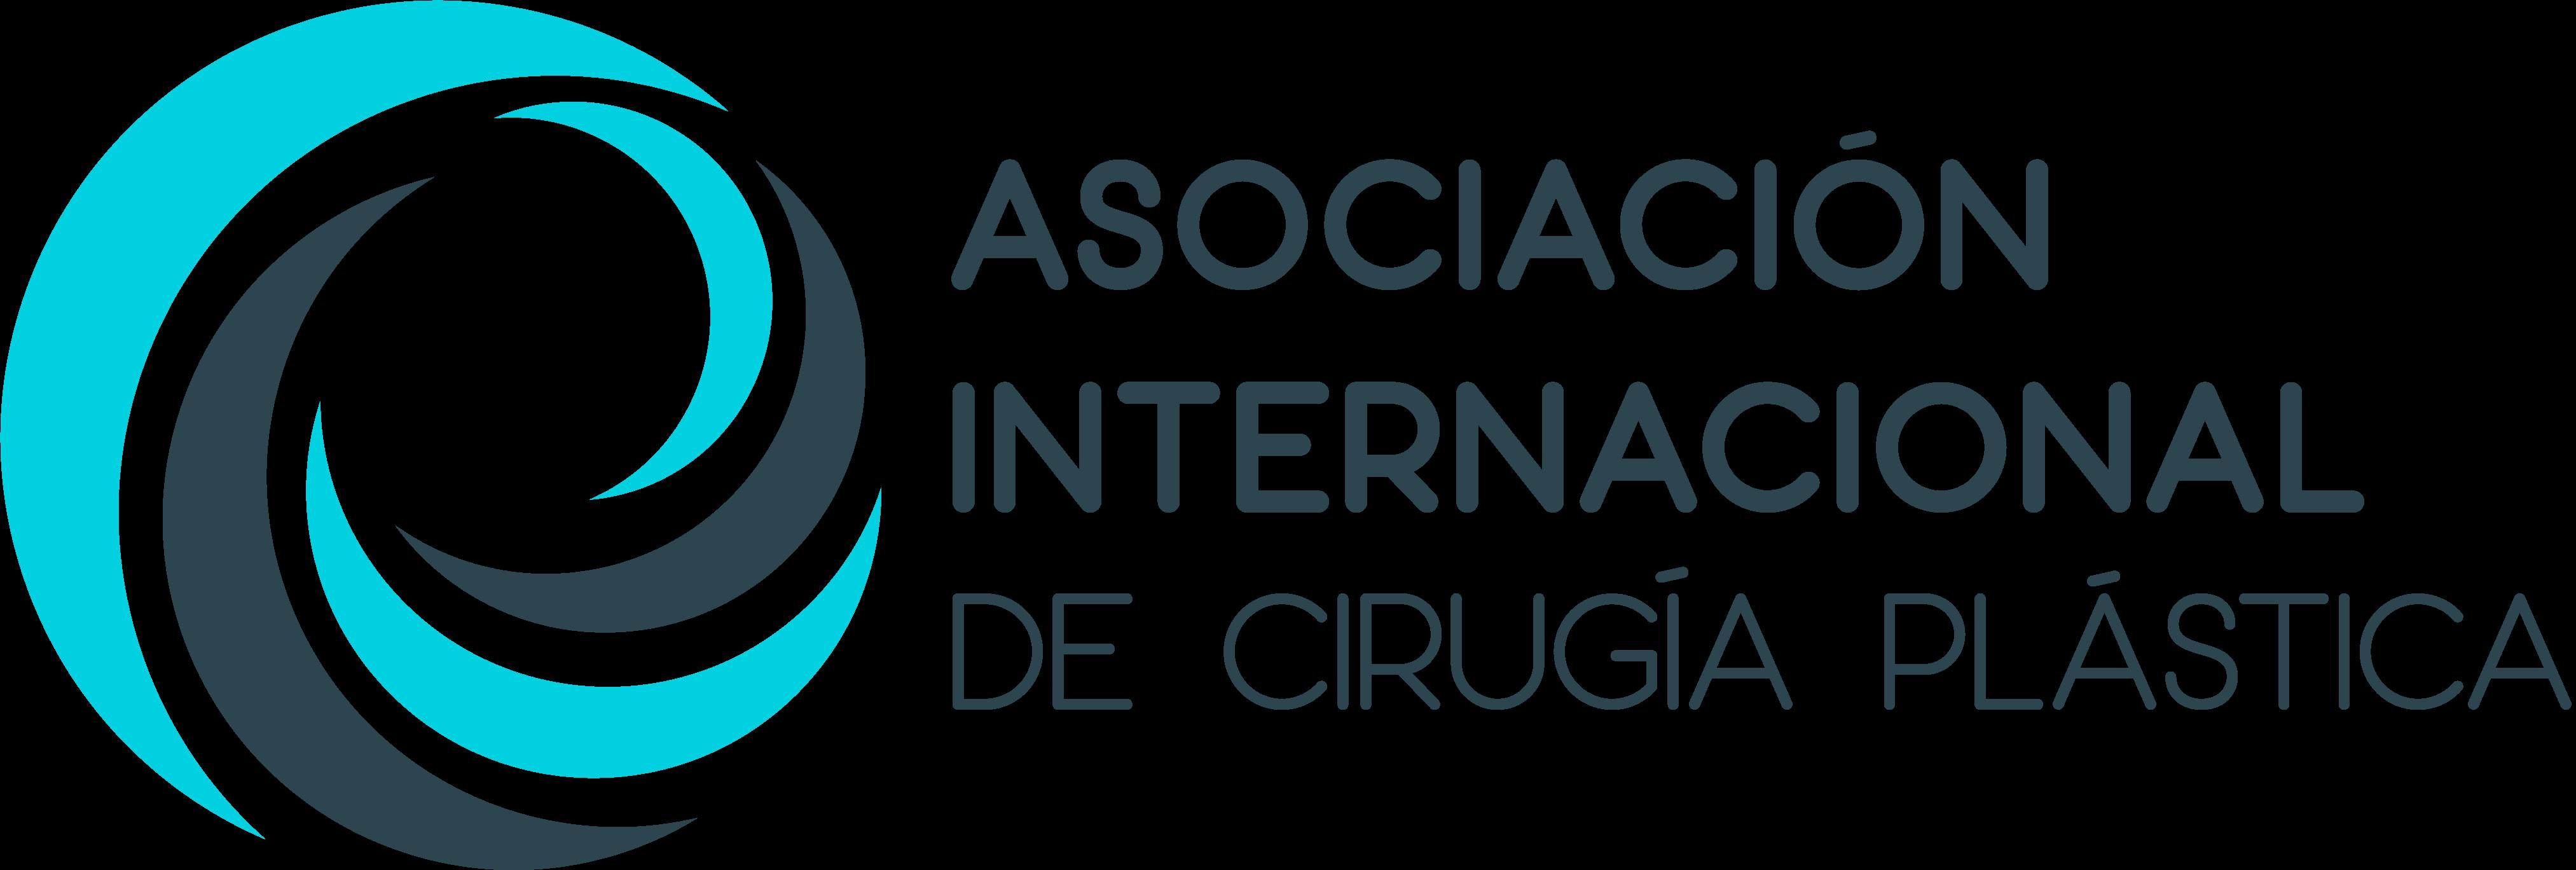 Asociacion Internacional de Cirugia Plástica